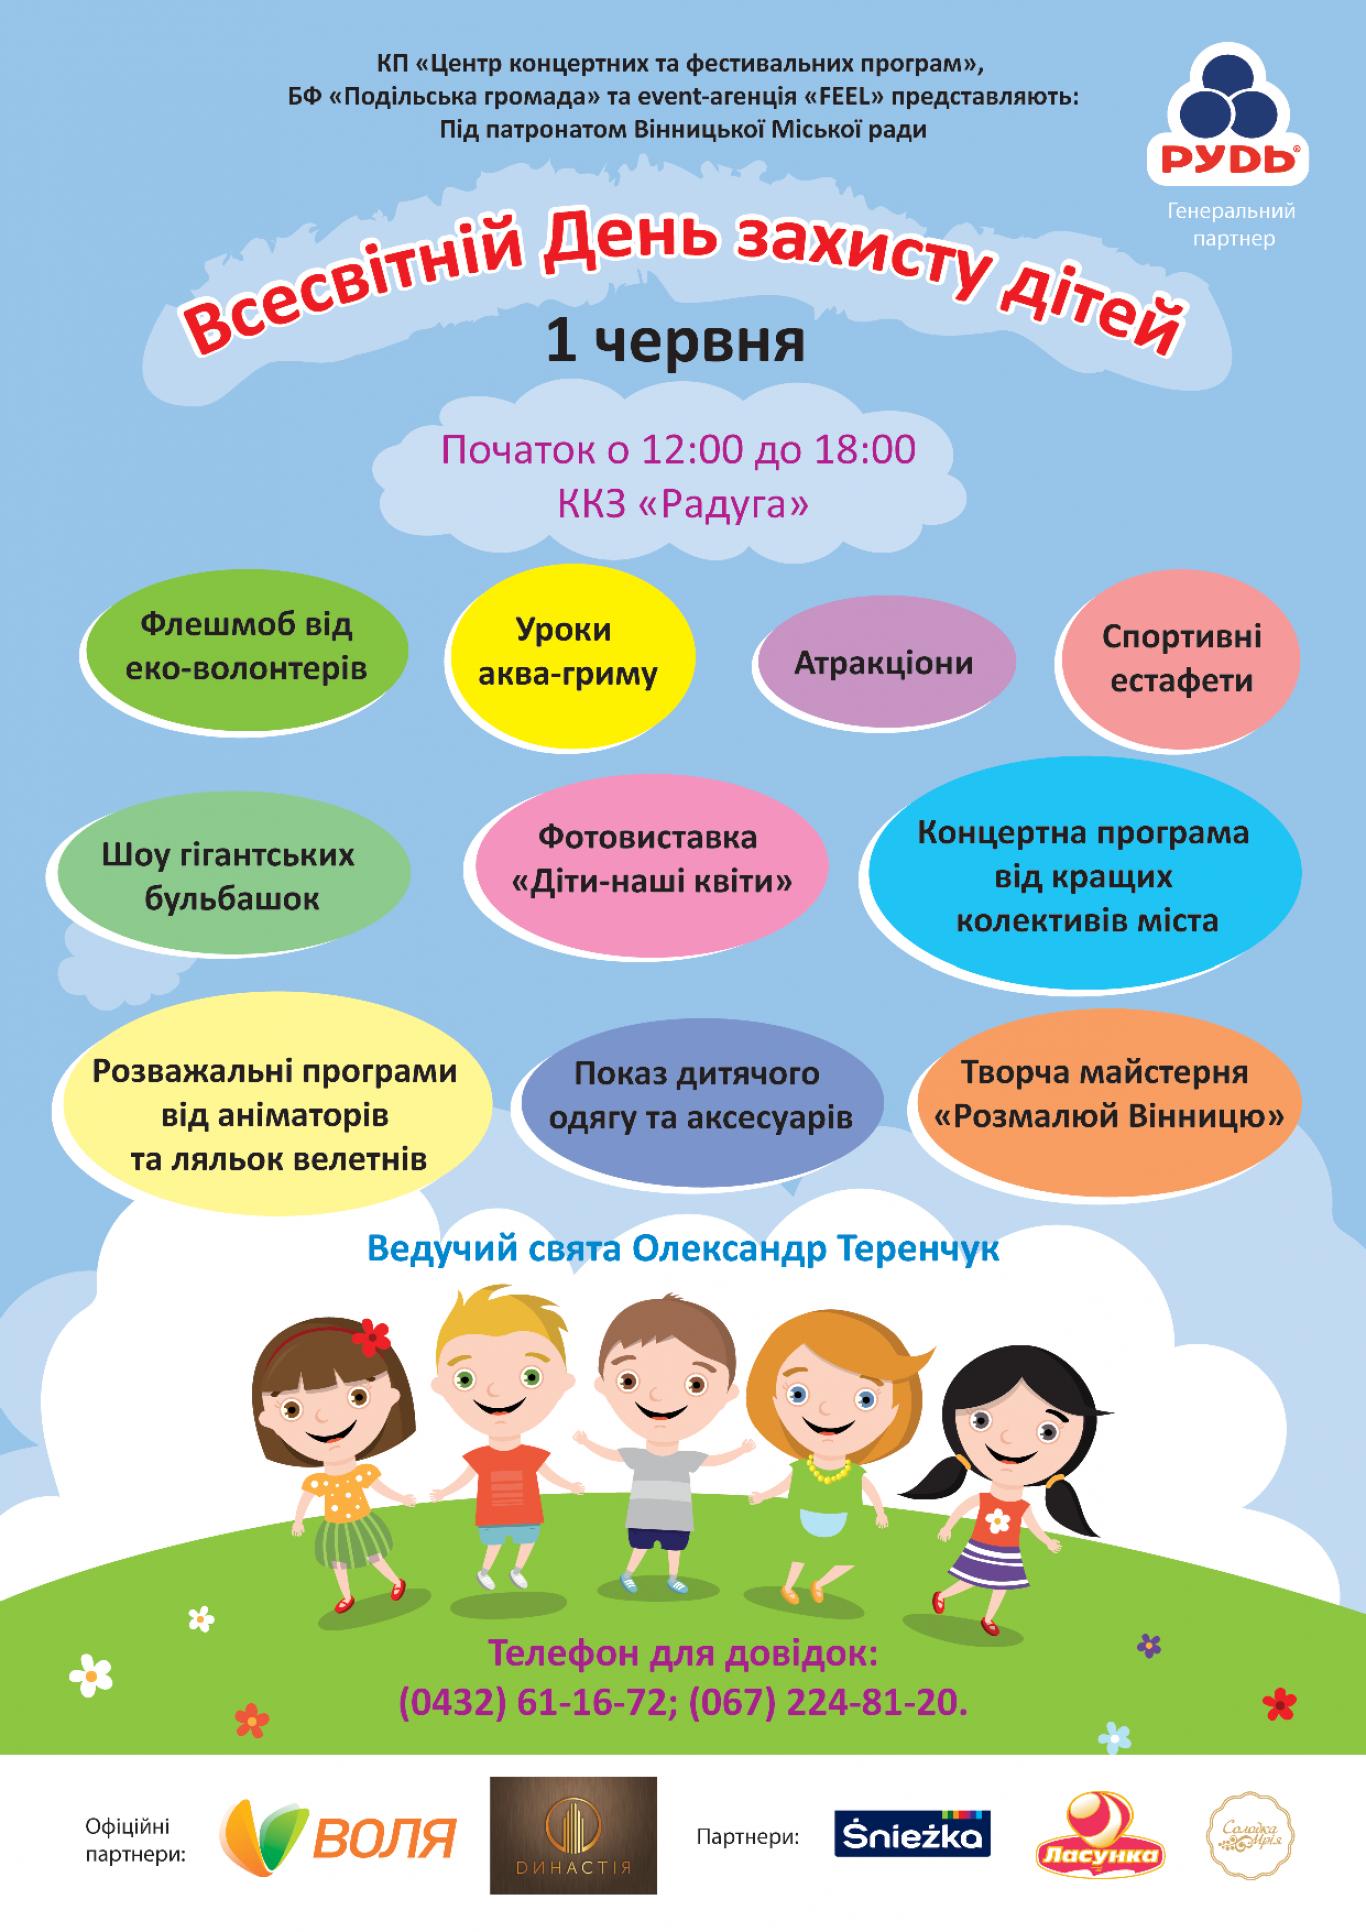 Всесвітній день захисту дітей. Святкова програма